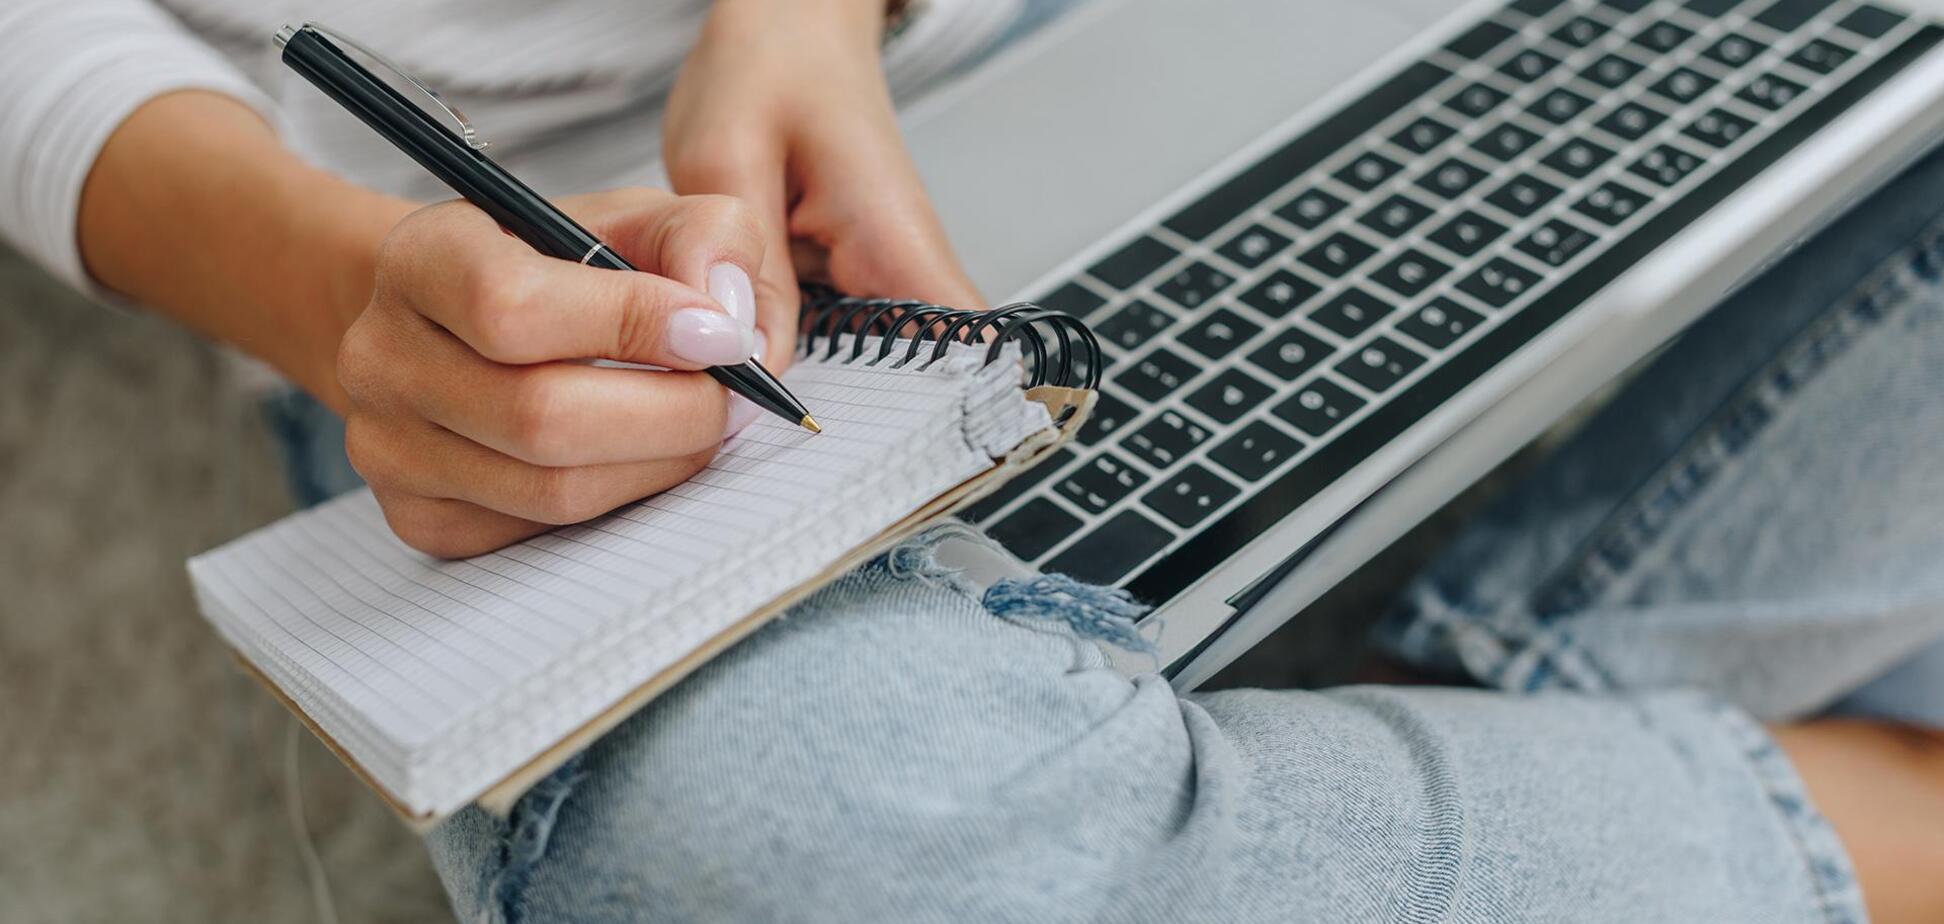 Obozrevatel рассказал, как распознать качественный онлайн-курс